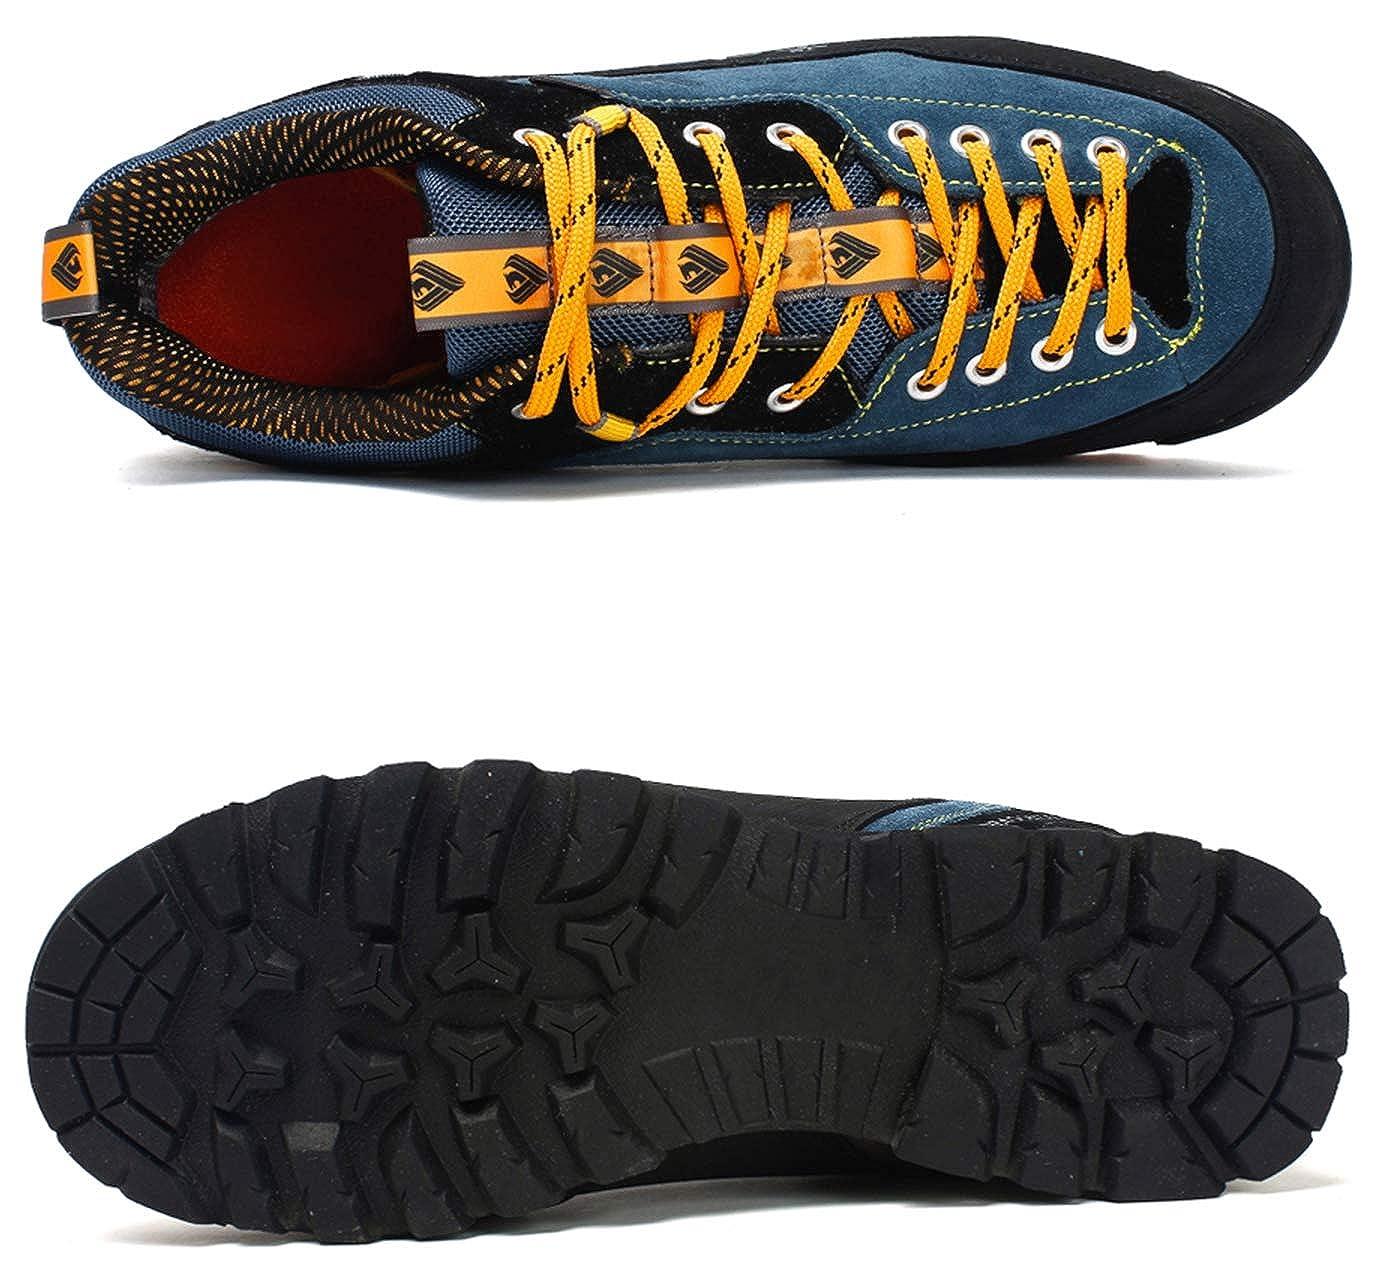 4d0e08e1607ca Weweya Hombres Botas de Senderismo Zapatos de Trekking resbaladizo Caminar  Transpirable Zapatilla de Escalada  Amazon.es  Zapatos y complementos